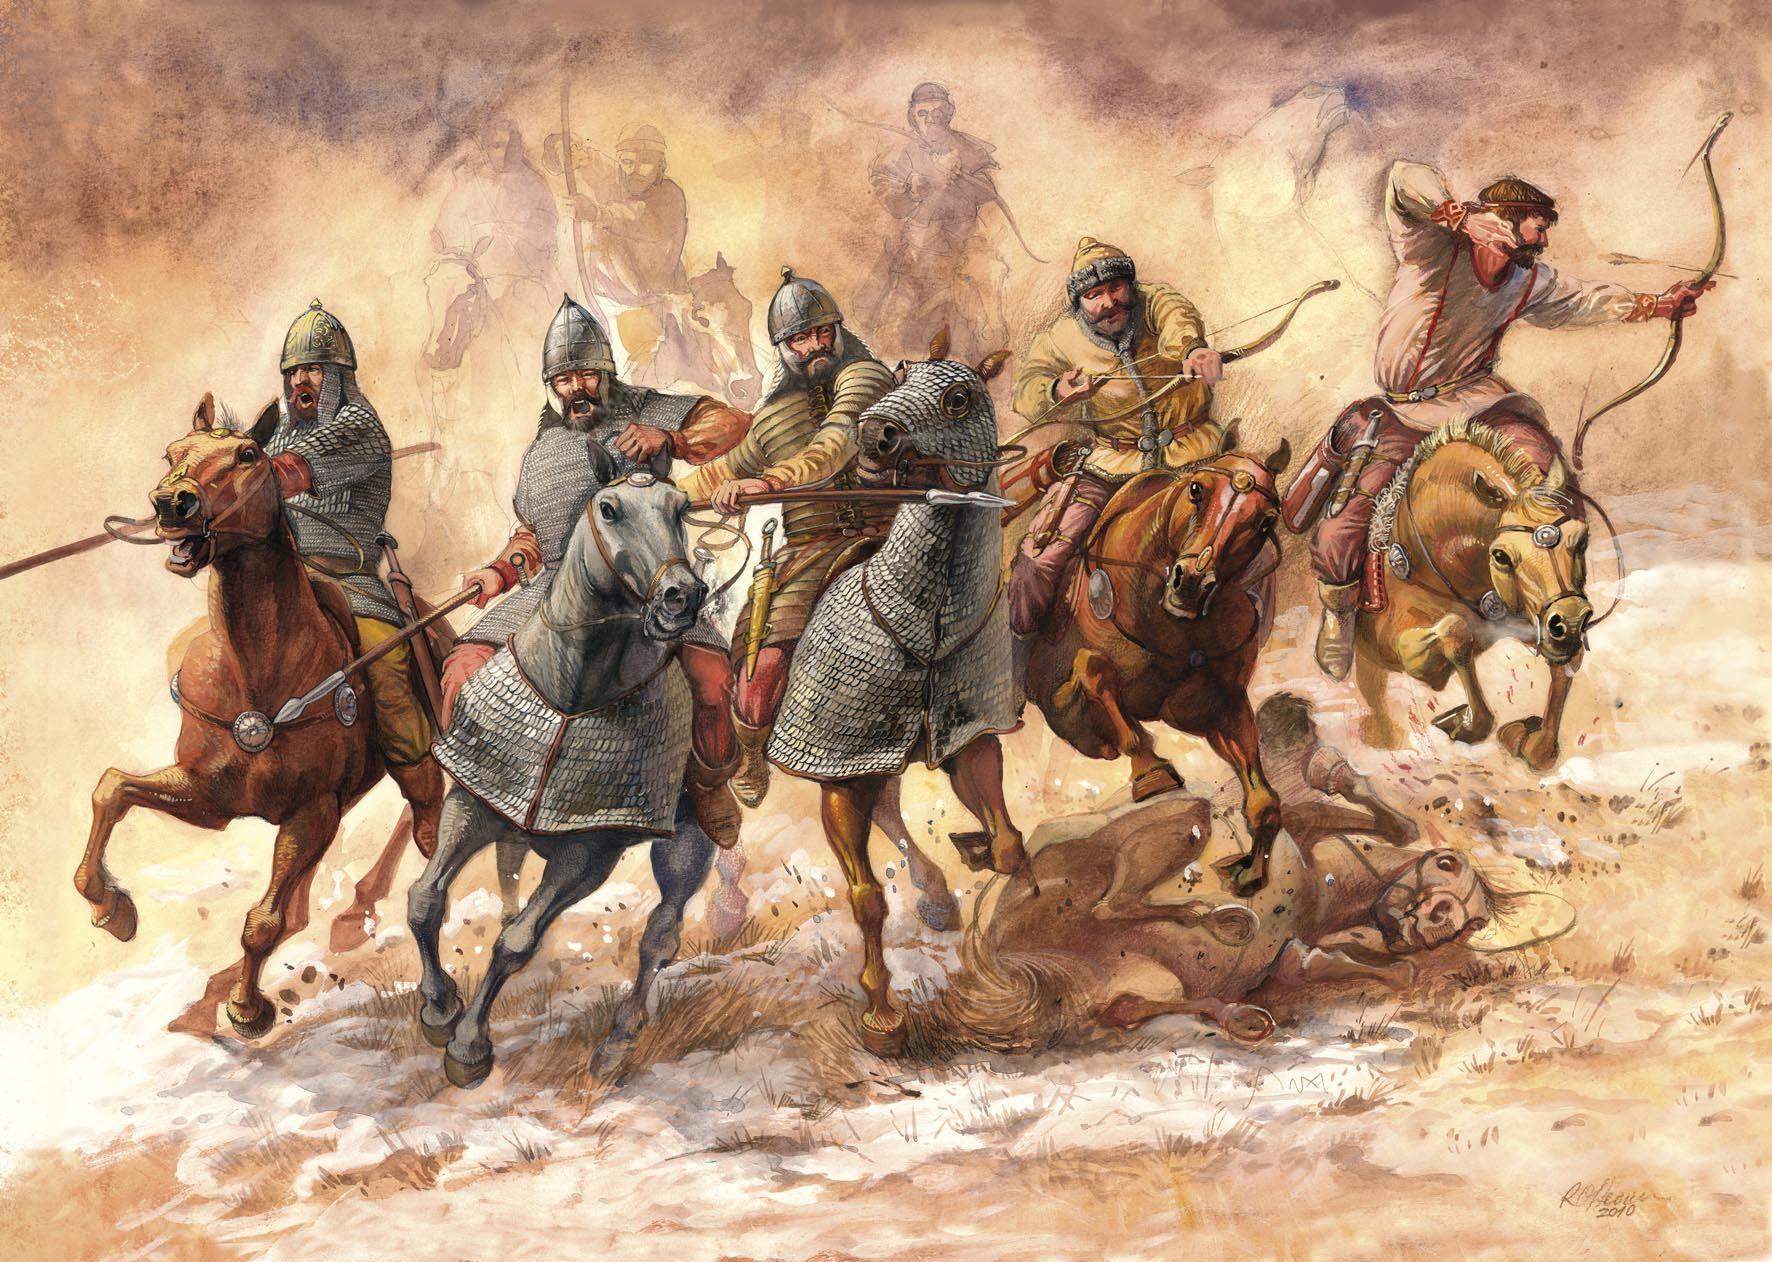 Từ vựng tiếng Anh liên quan đến chiến tranh